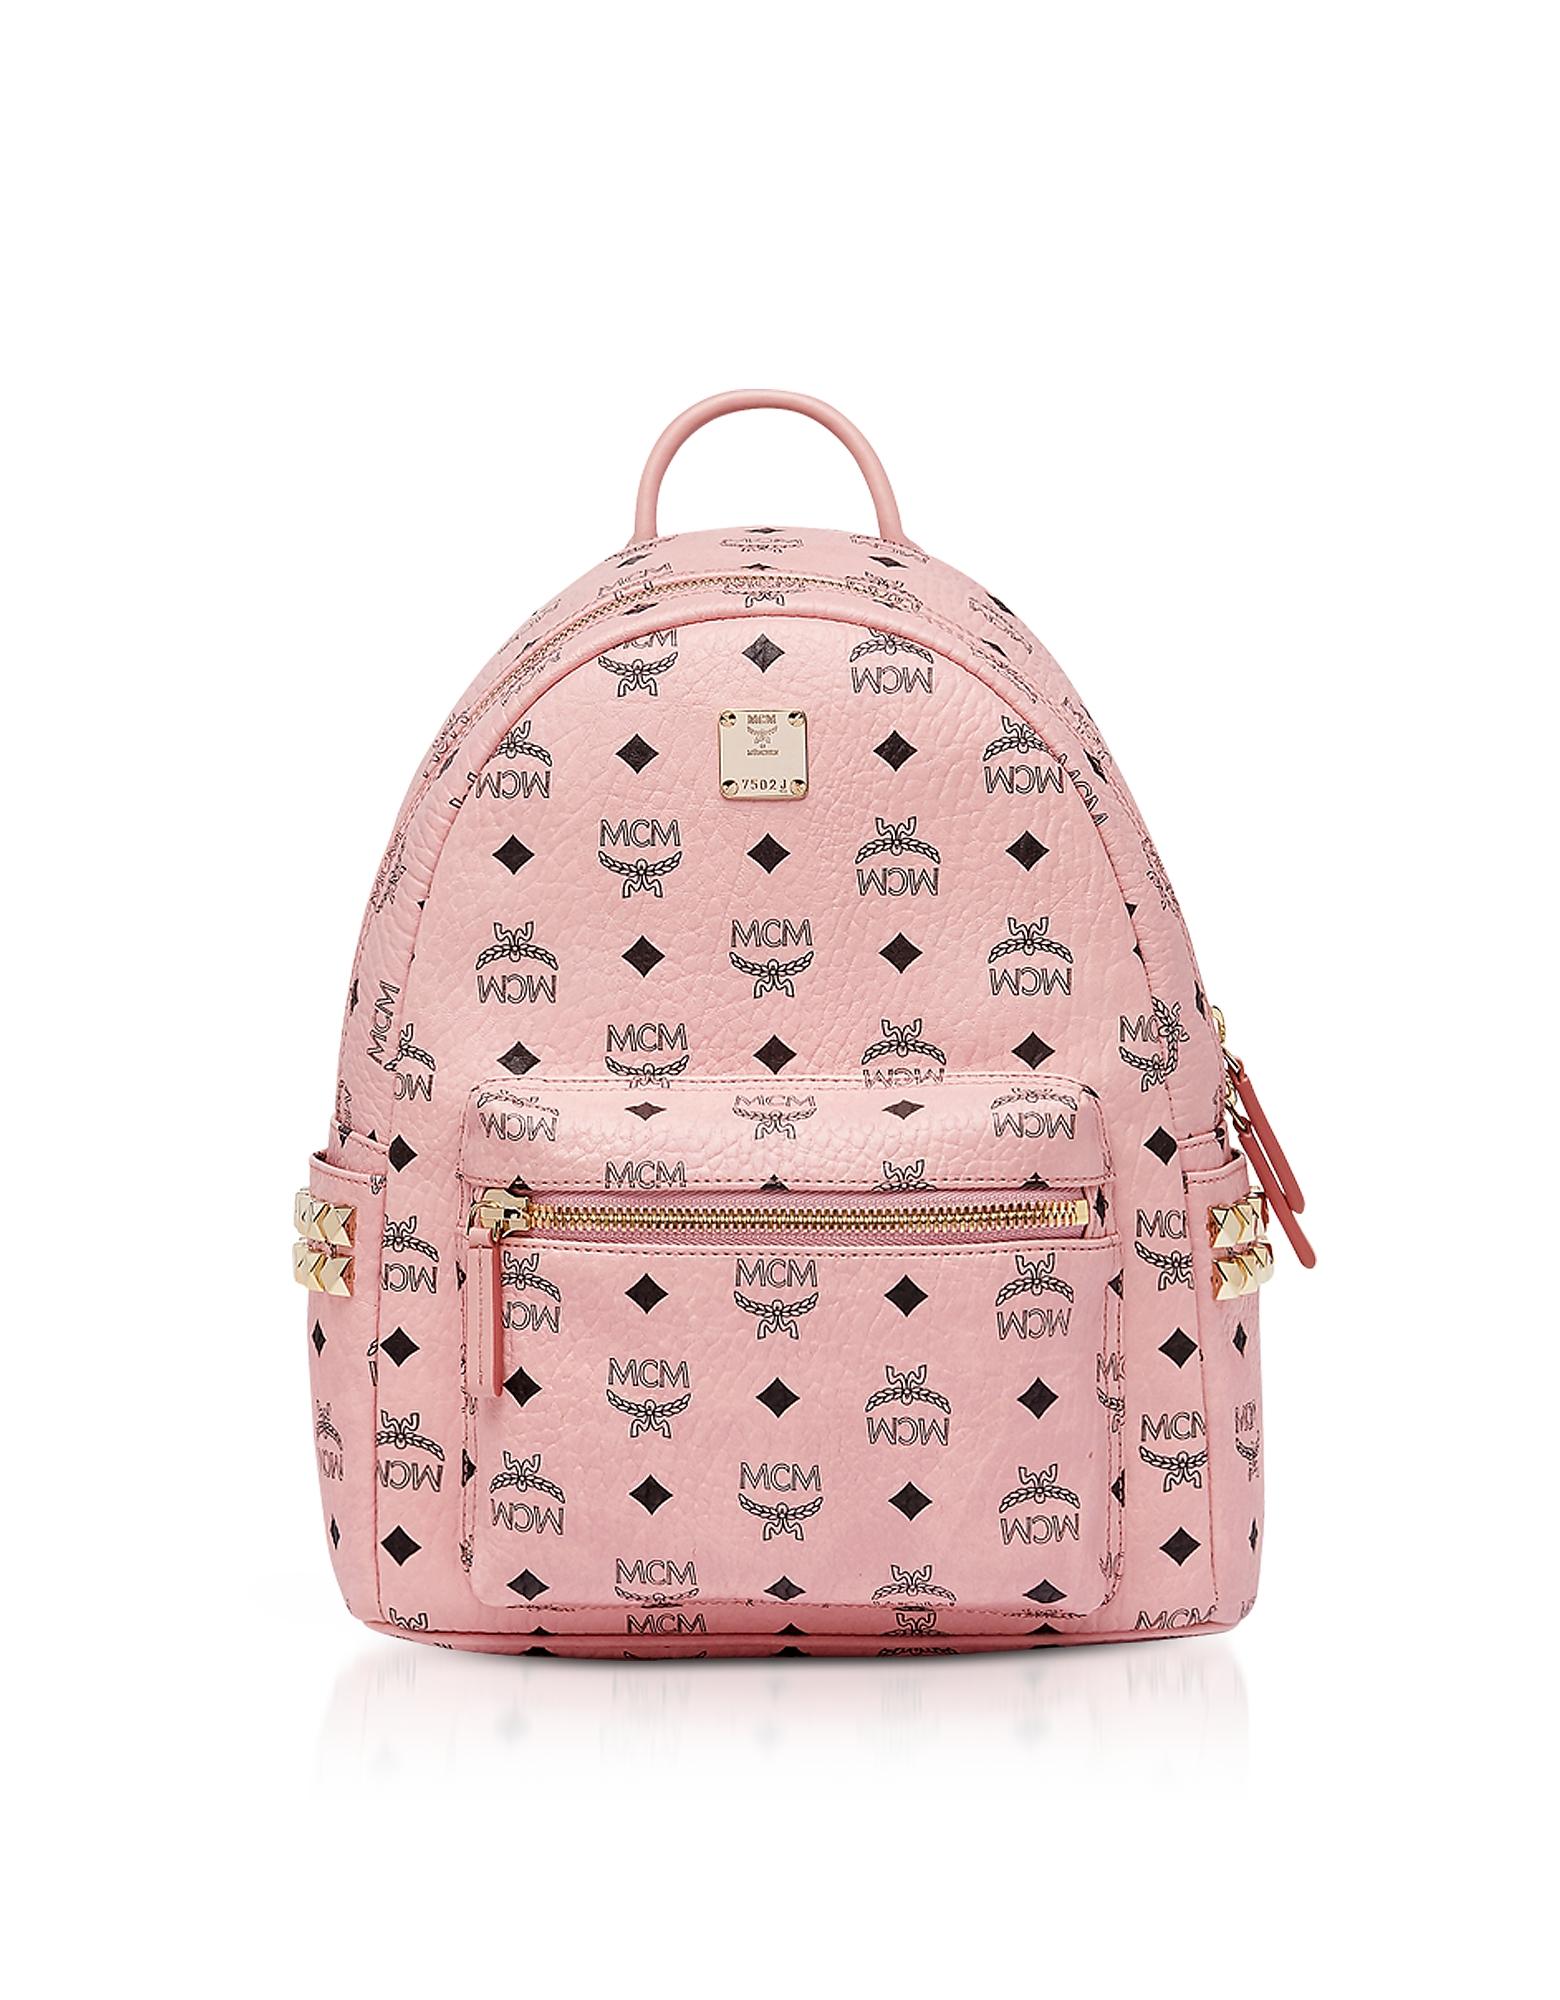 Soft Pink Visetos Stark Side Studs Backpack